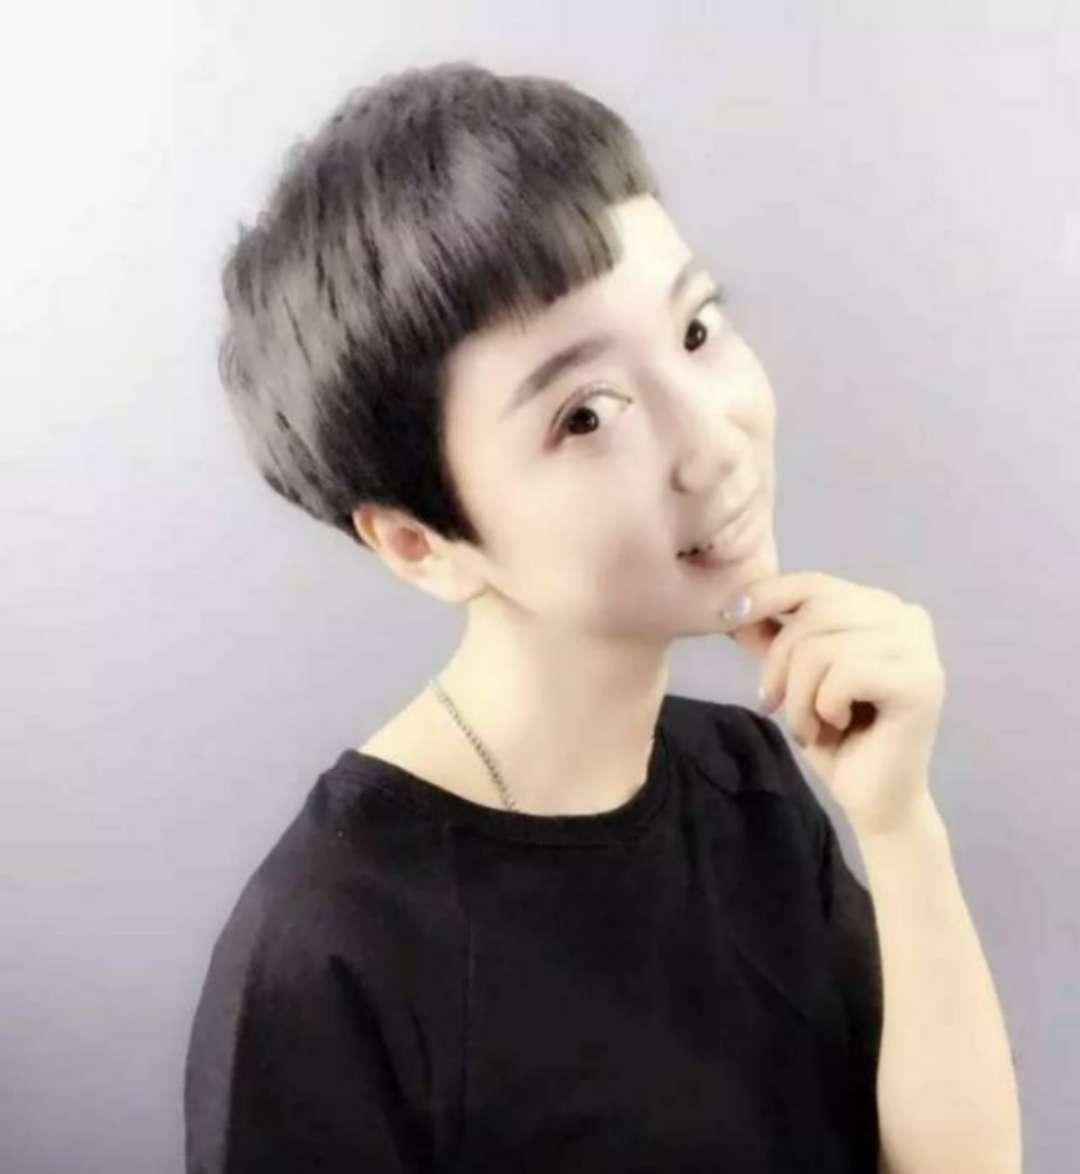 女生剪像男孩子的短发时,有什么发型推荐?图片